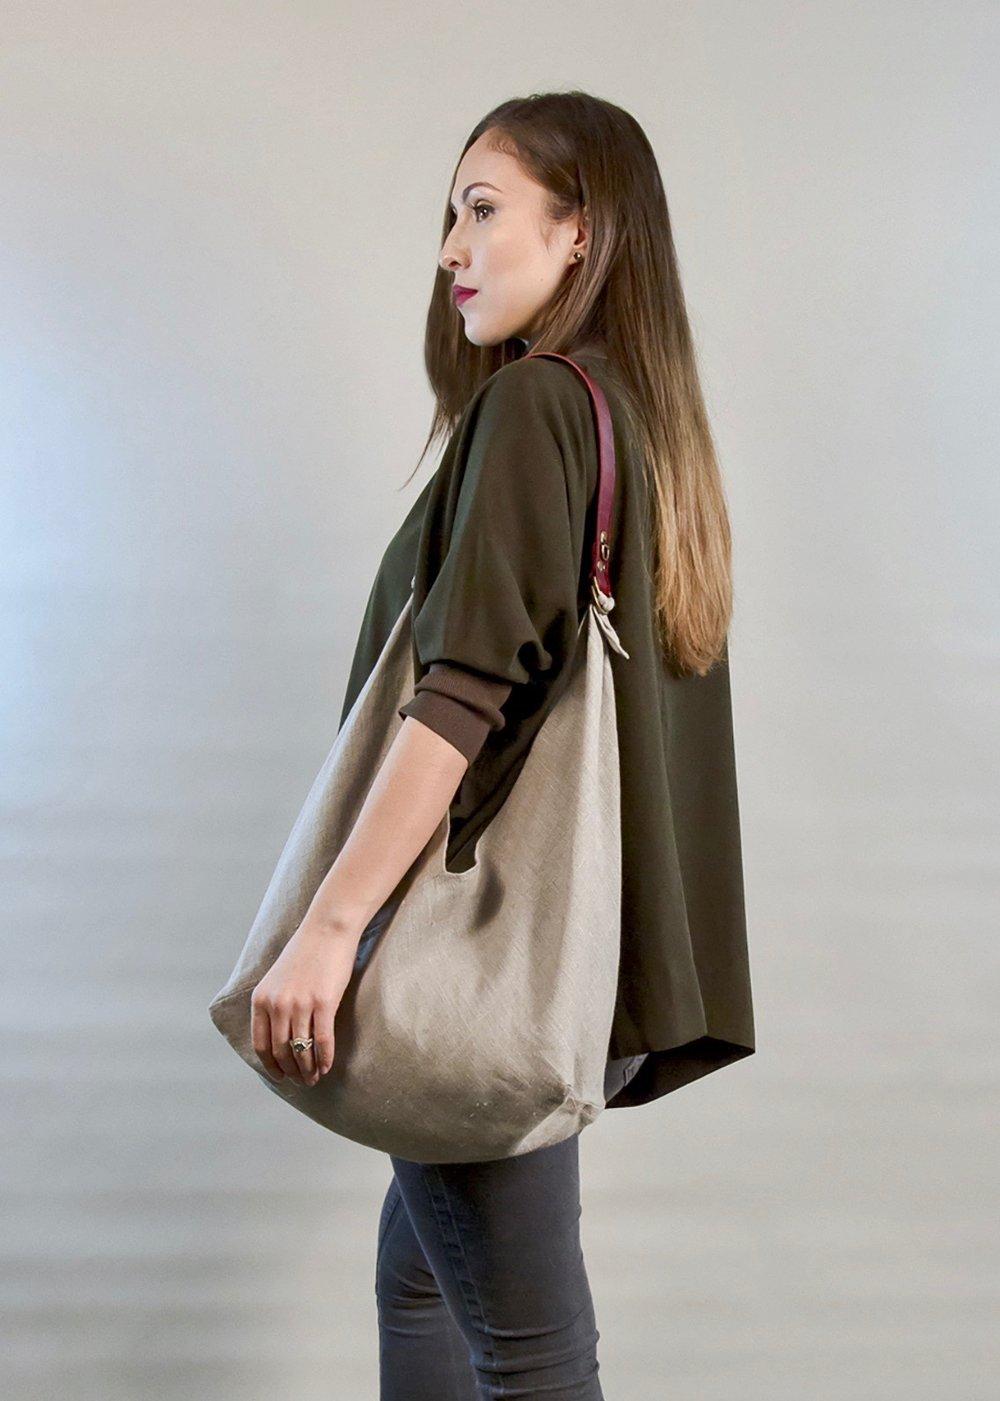 - SMALL BAG IN NATURAL W/ ORIGINAL HANDLE IN BURGUNDY